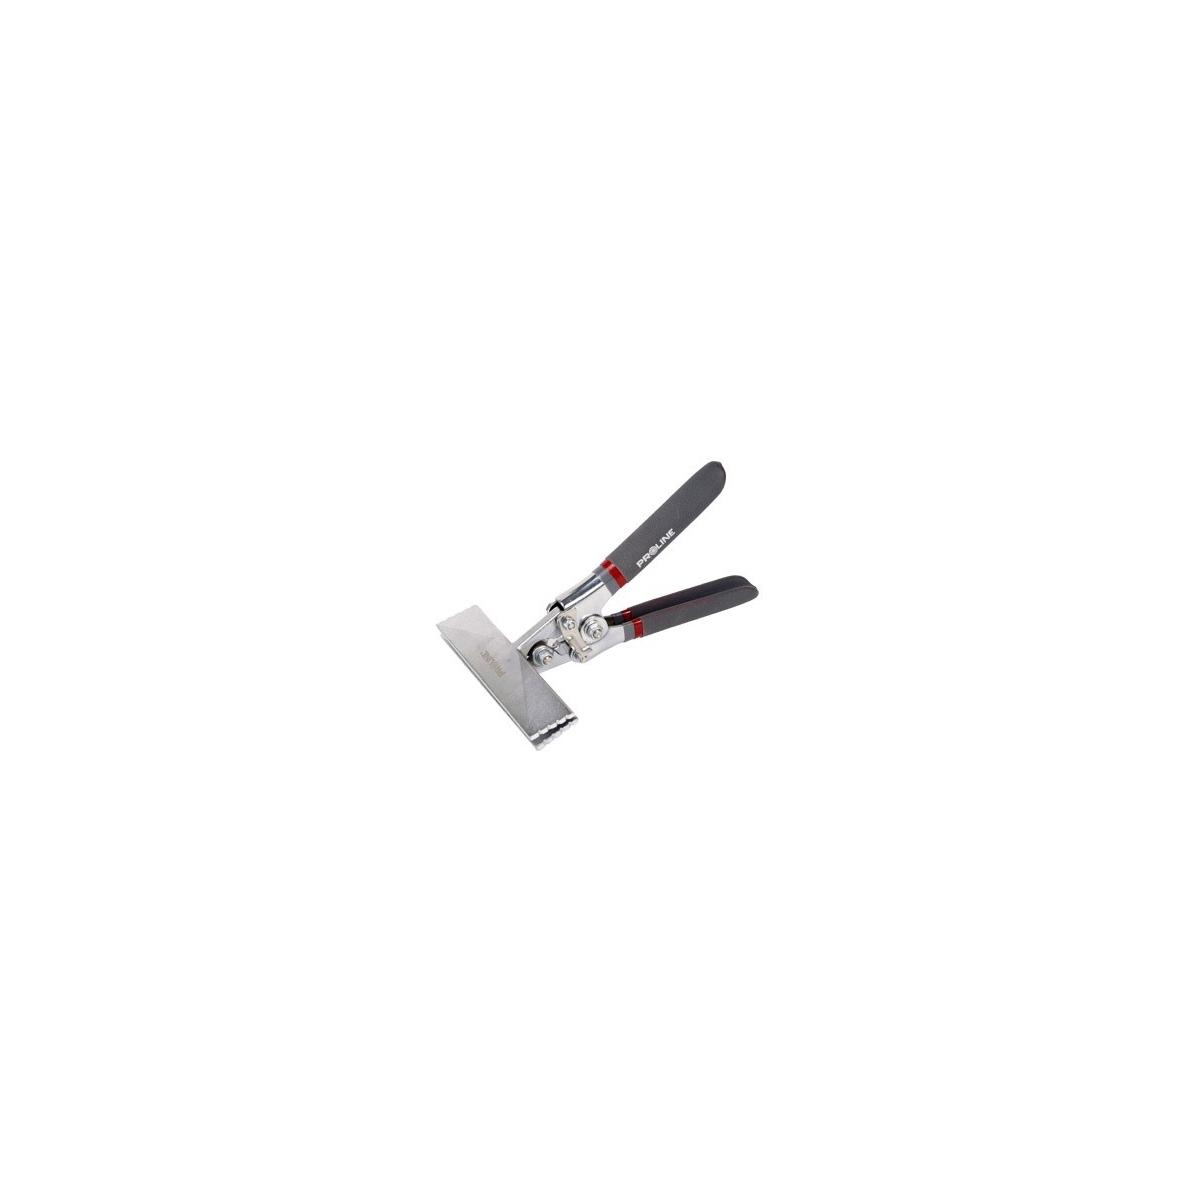 SZCZYPCE DO KSZTAŁT. PROFILI 210MM 150/35 Szczypce do kształtowania profili 210 mm - 28382